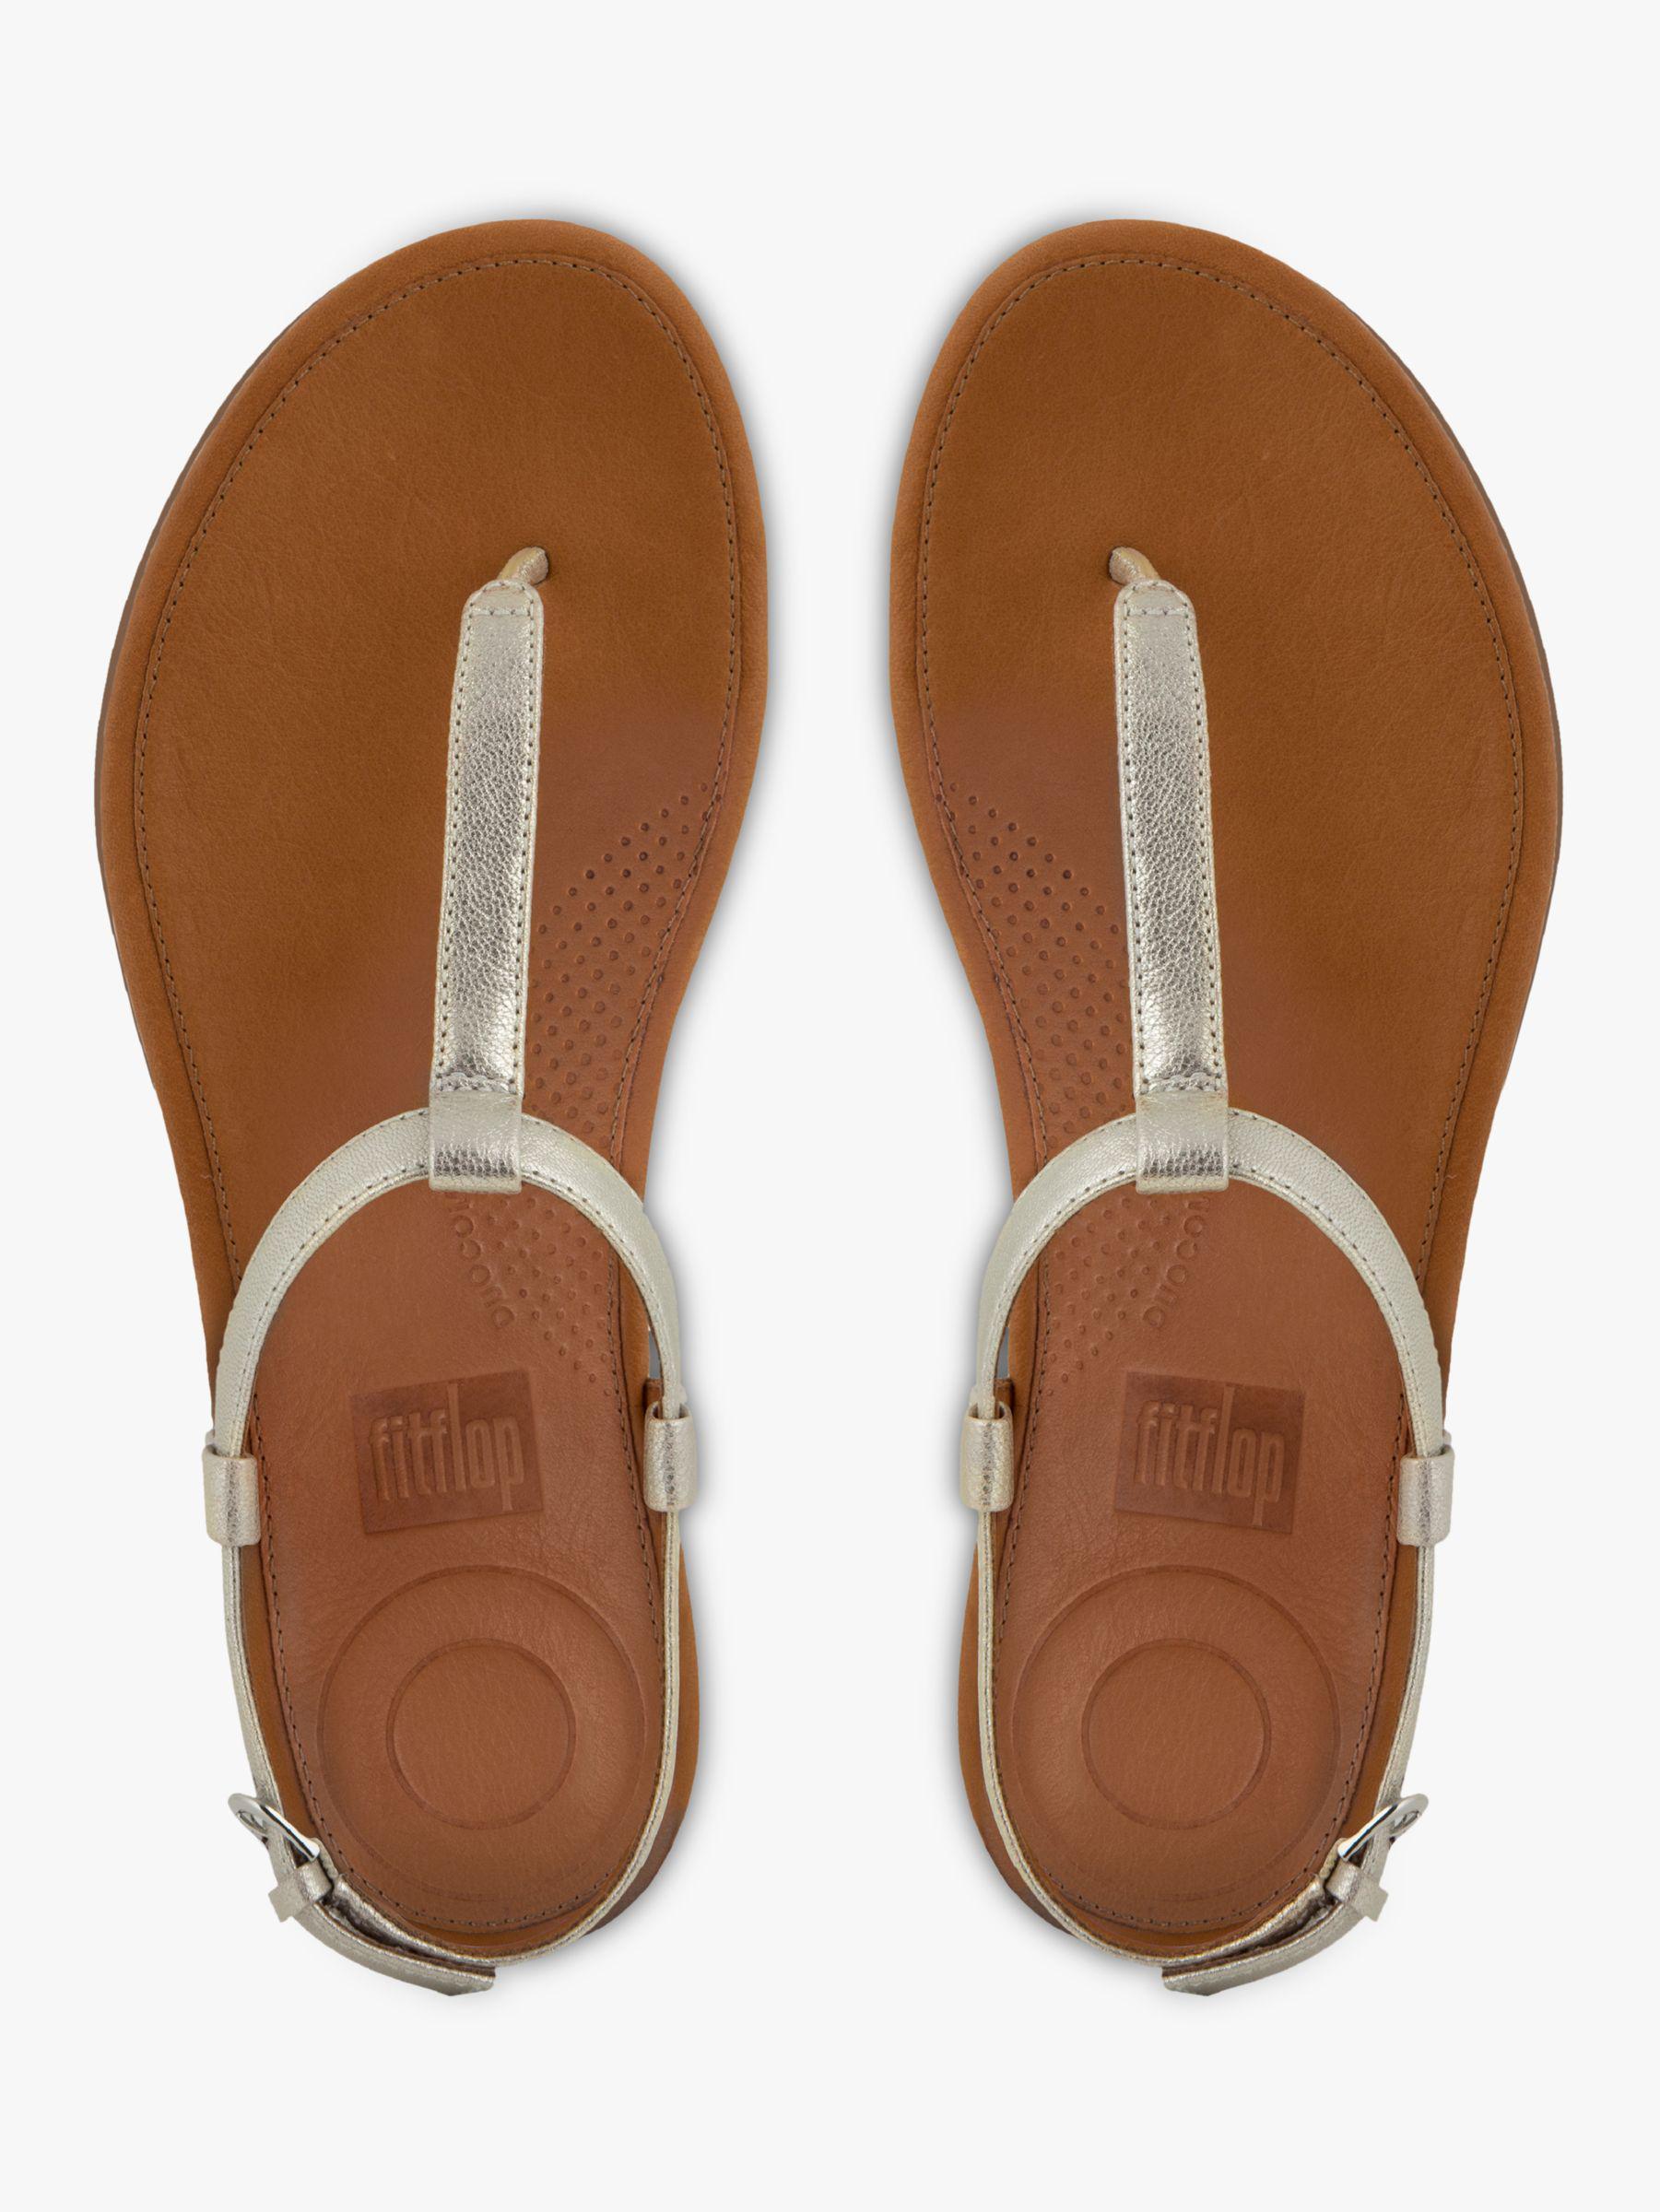 82c6119adbb Fitflop Tia Toe Post Sandals in Brown - Lyst